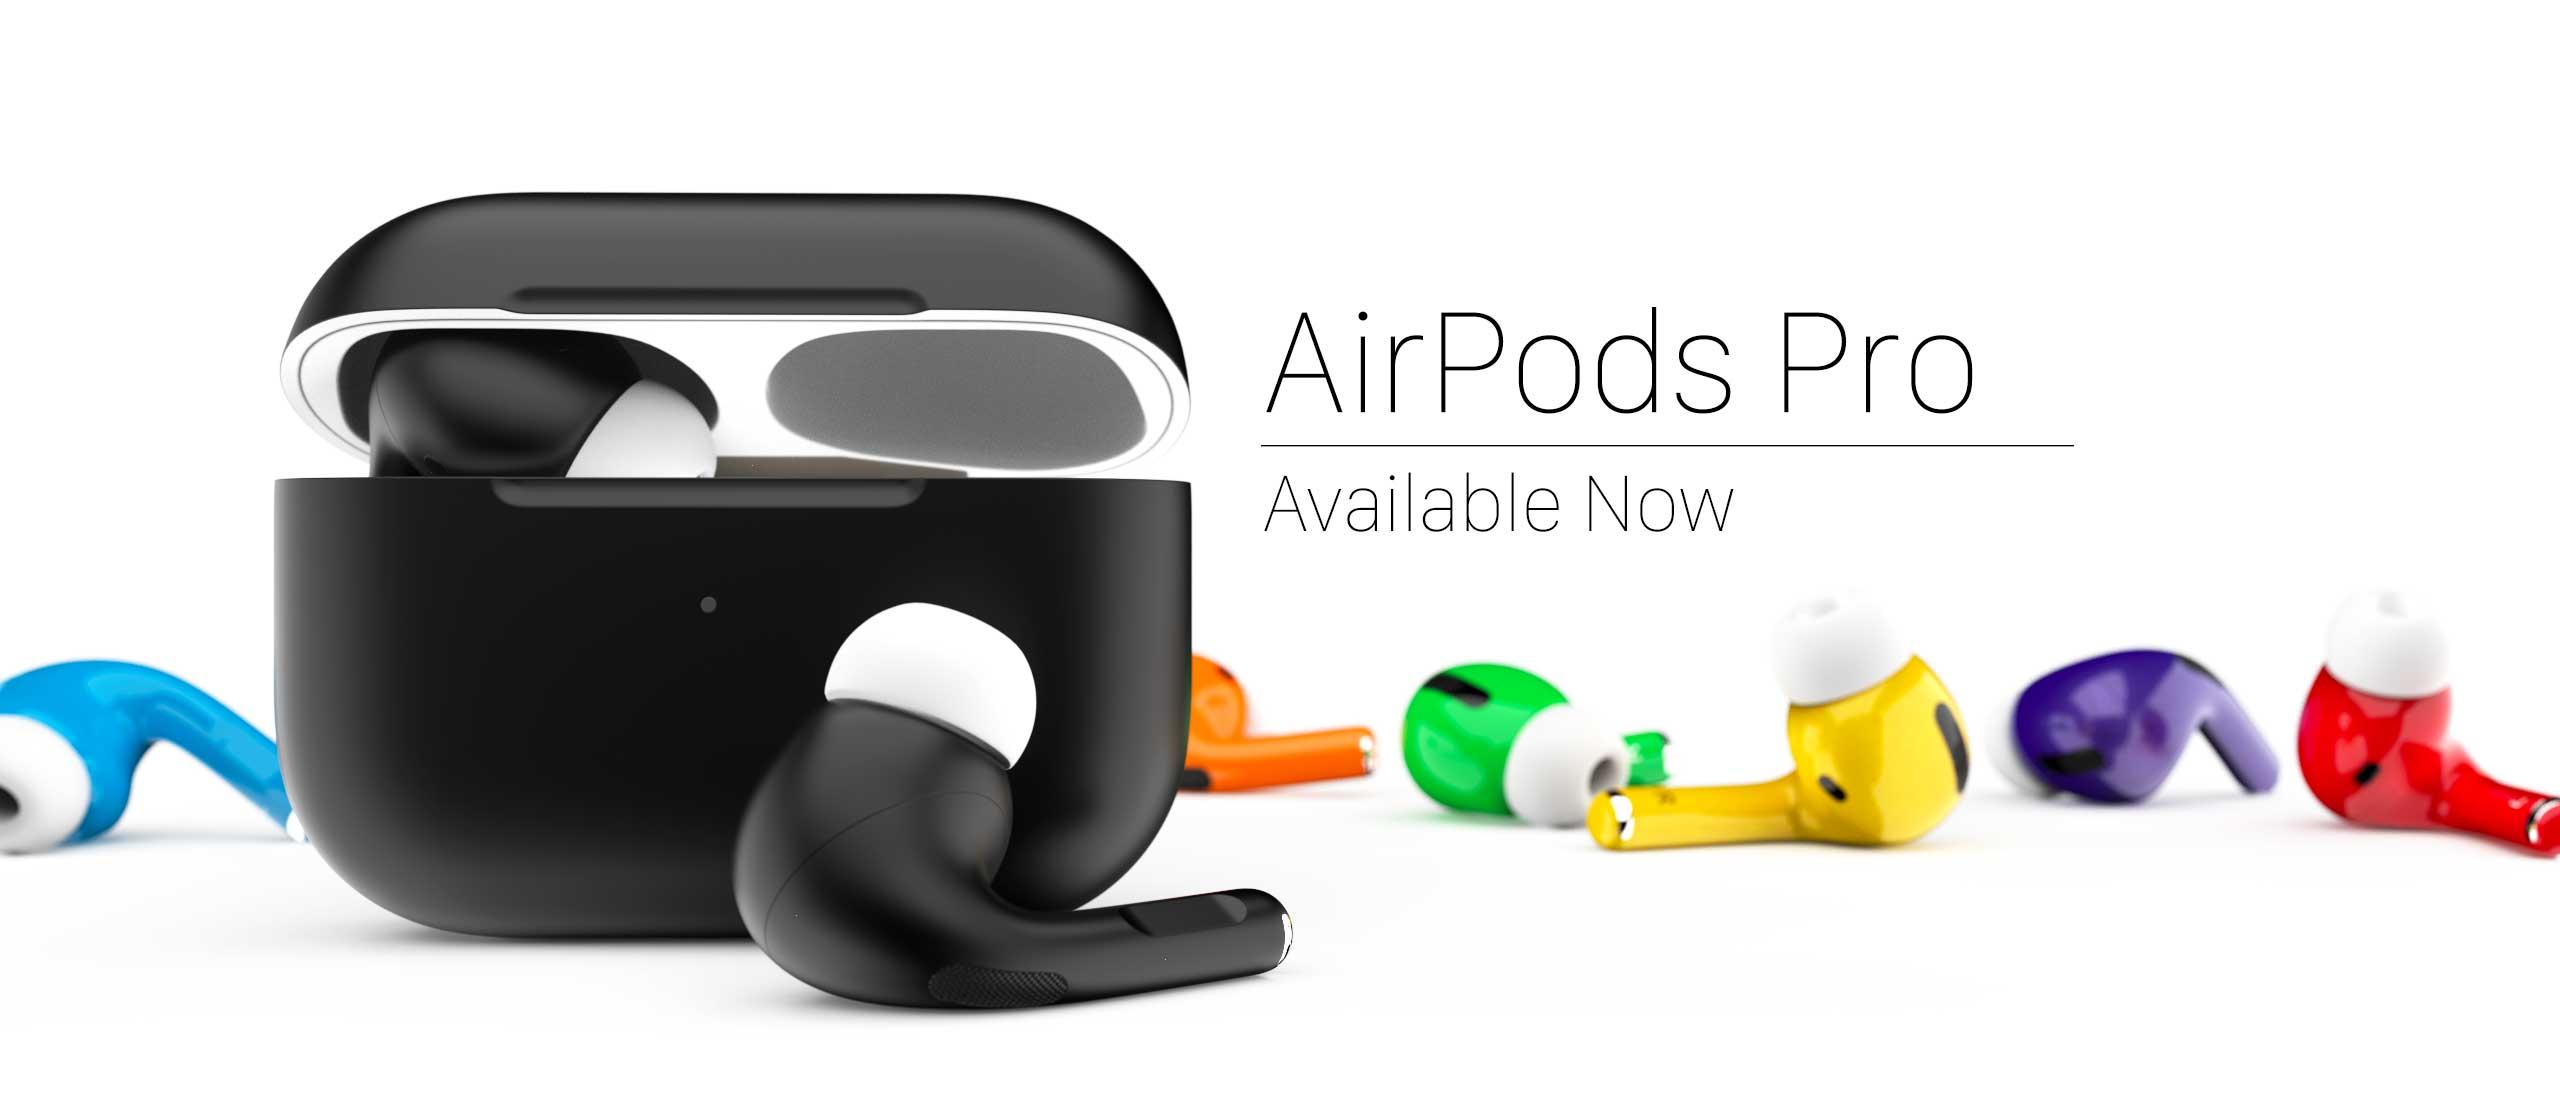 ColorWare propone gli AirPods Pro verniciati in tanti colori diversi